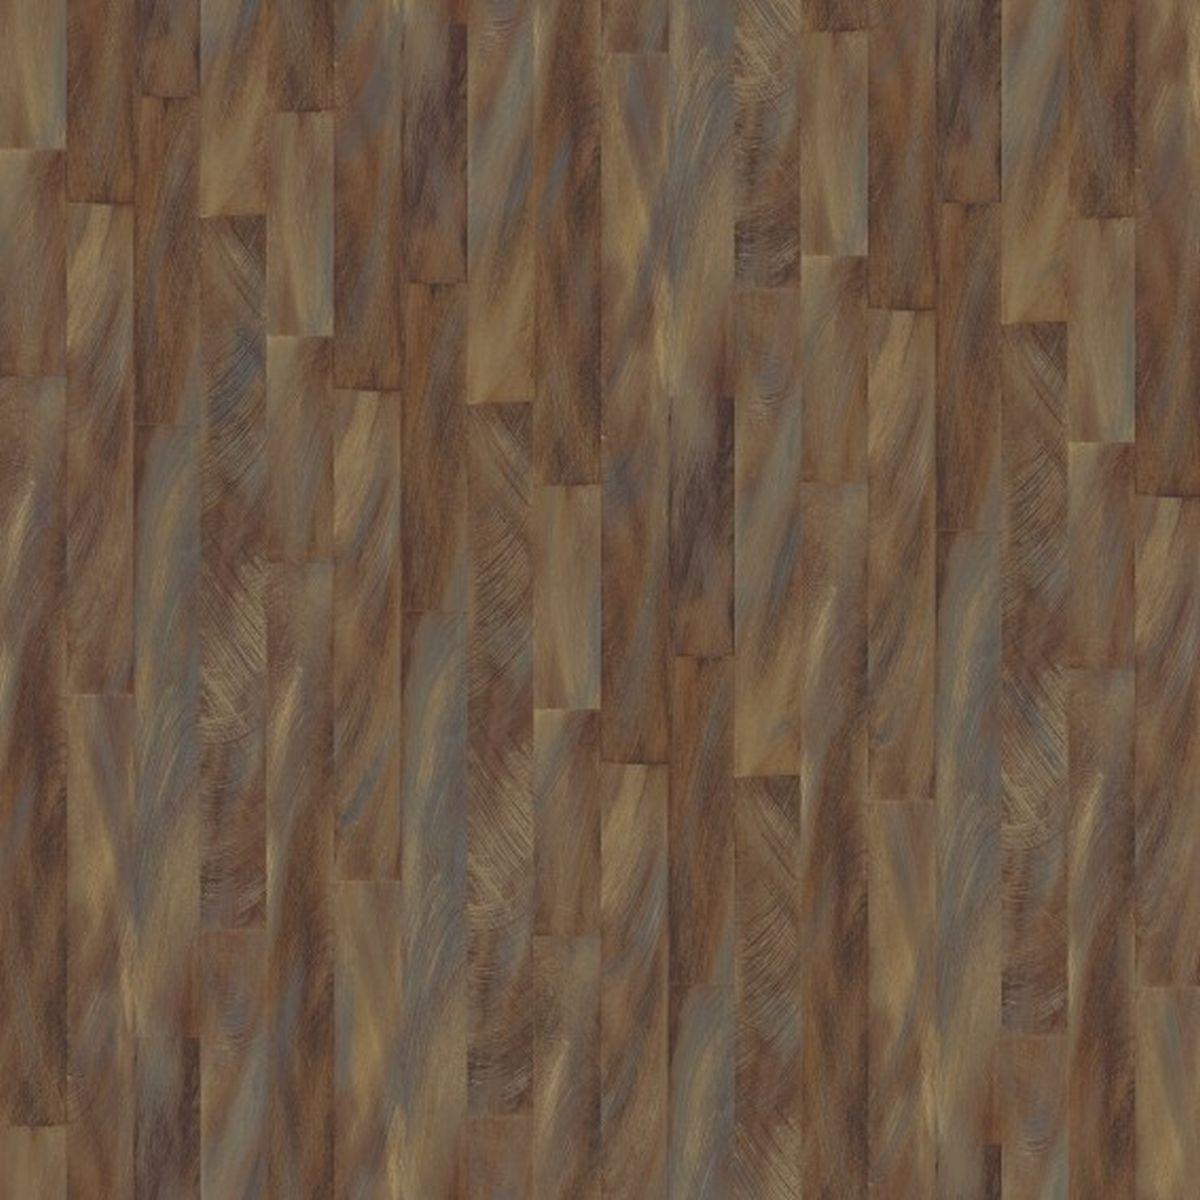 DesignID Vliestapete Erstklassige Wandbekleidung VD219145 Braun Steintapete